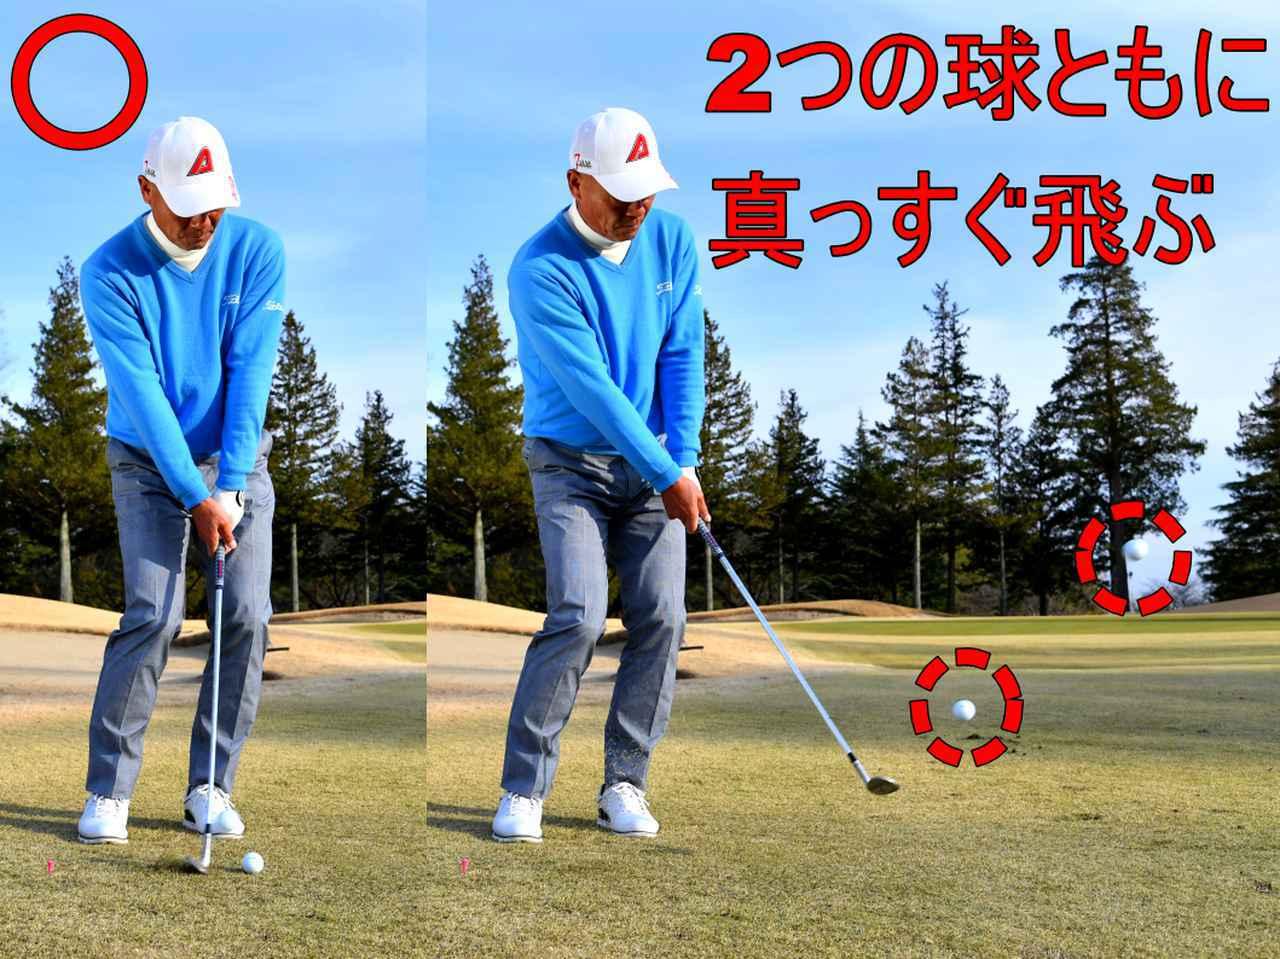 画像: 「2個のボールが真っすぐ飛べば、ゆるやかな軌道でボールを拾えた証拠です」